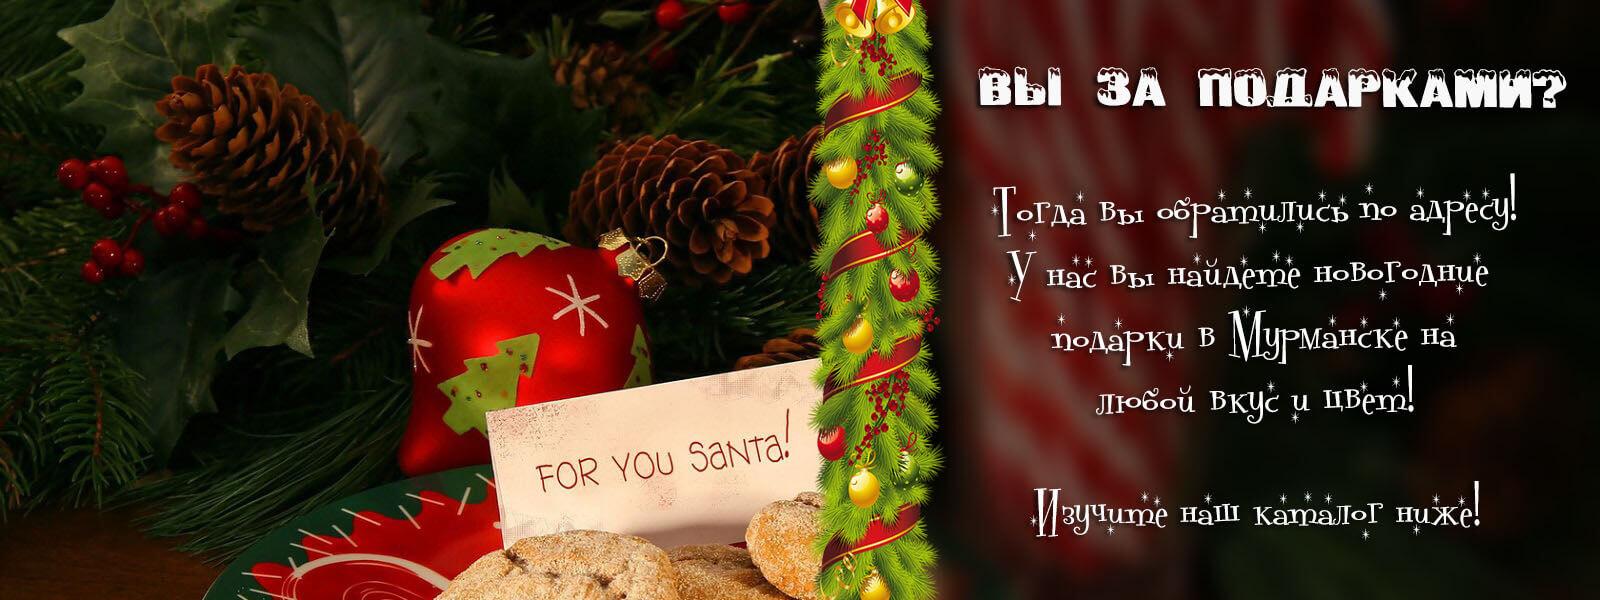 Каталог новогодних подарков